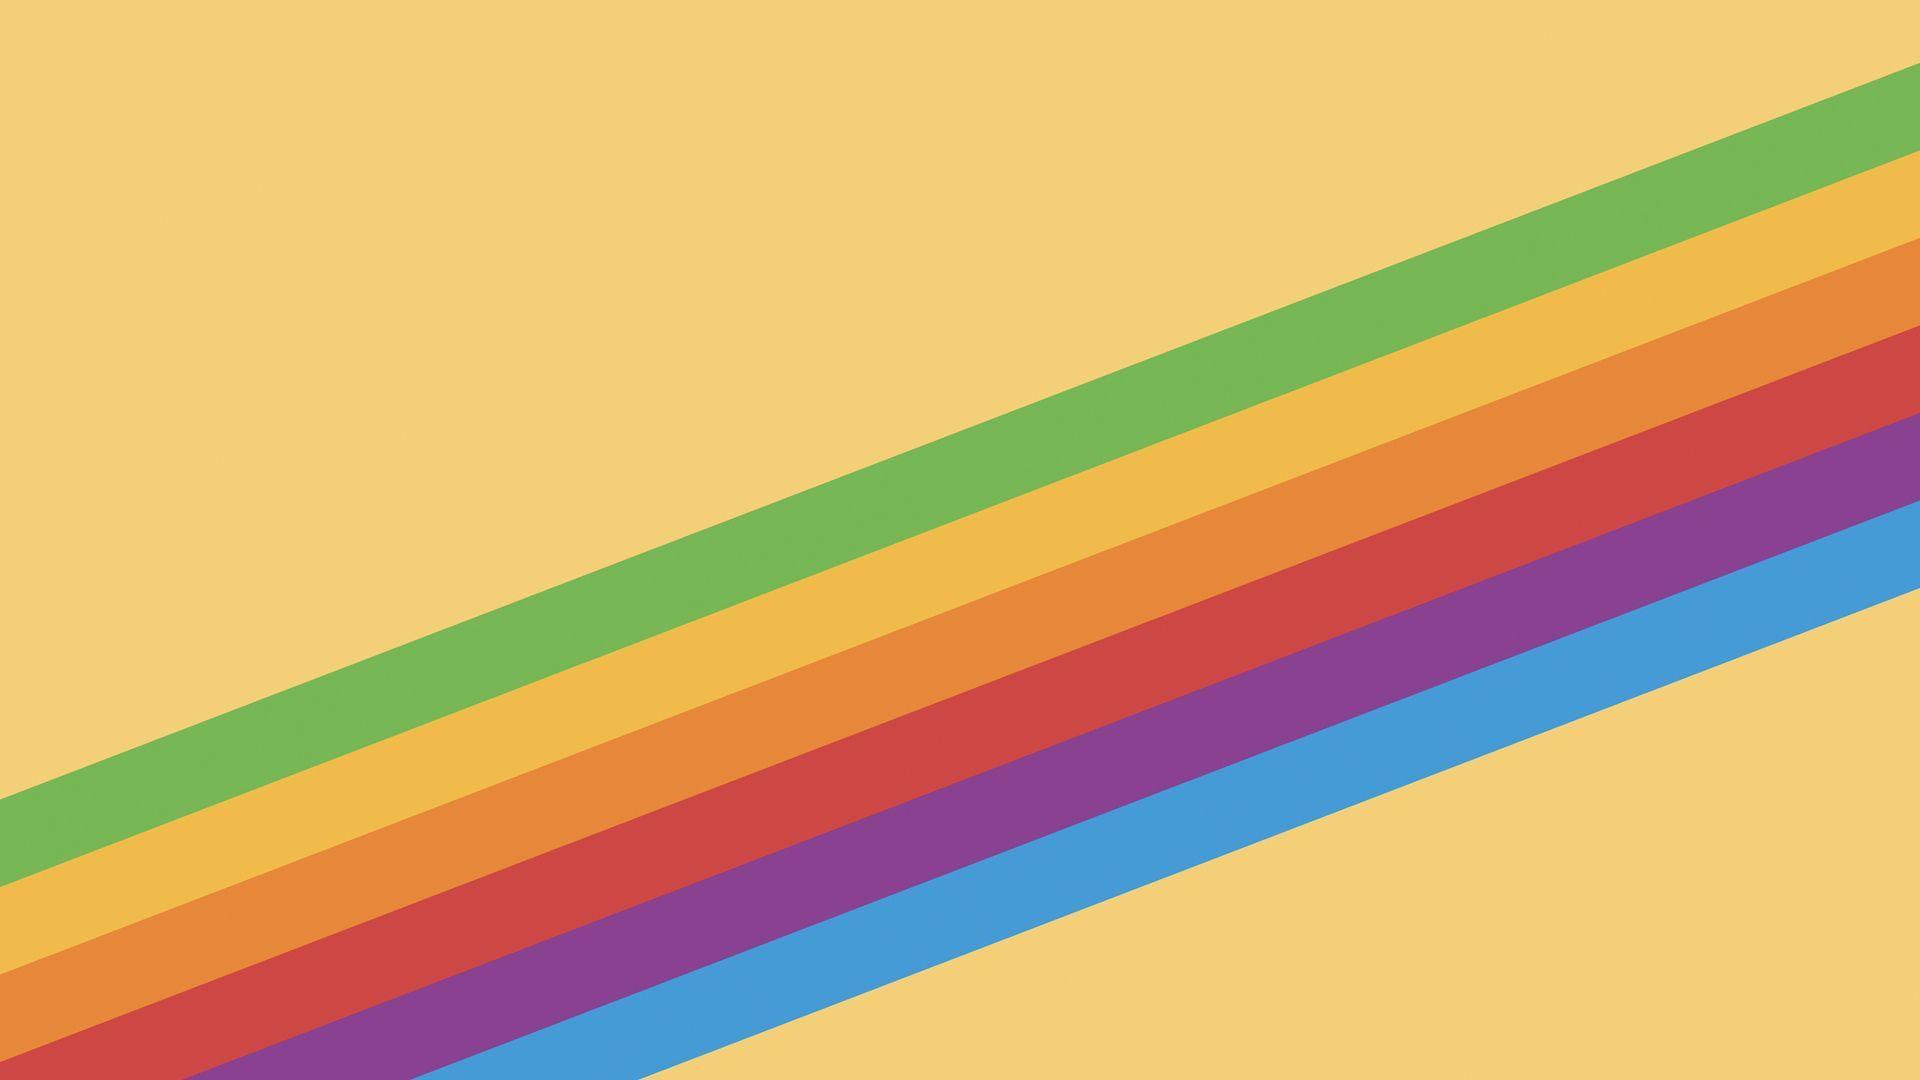 Pastel Yellow Laptop Wallpapers On Wallpaperdog